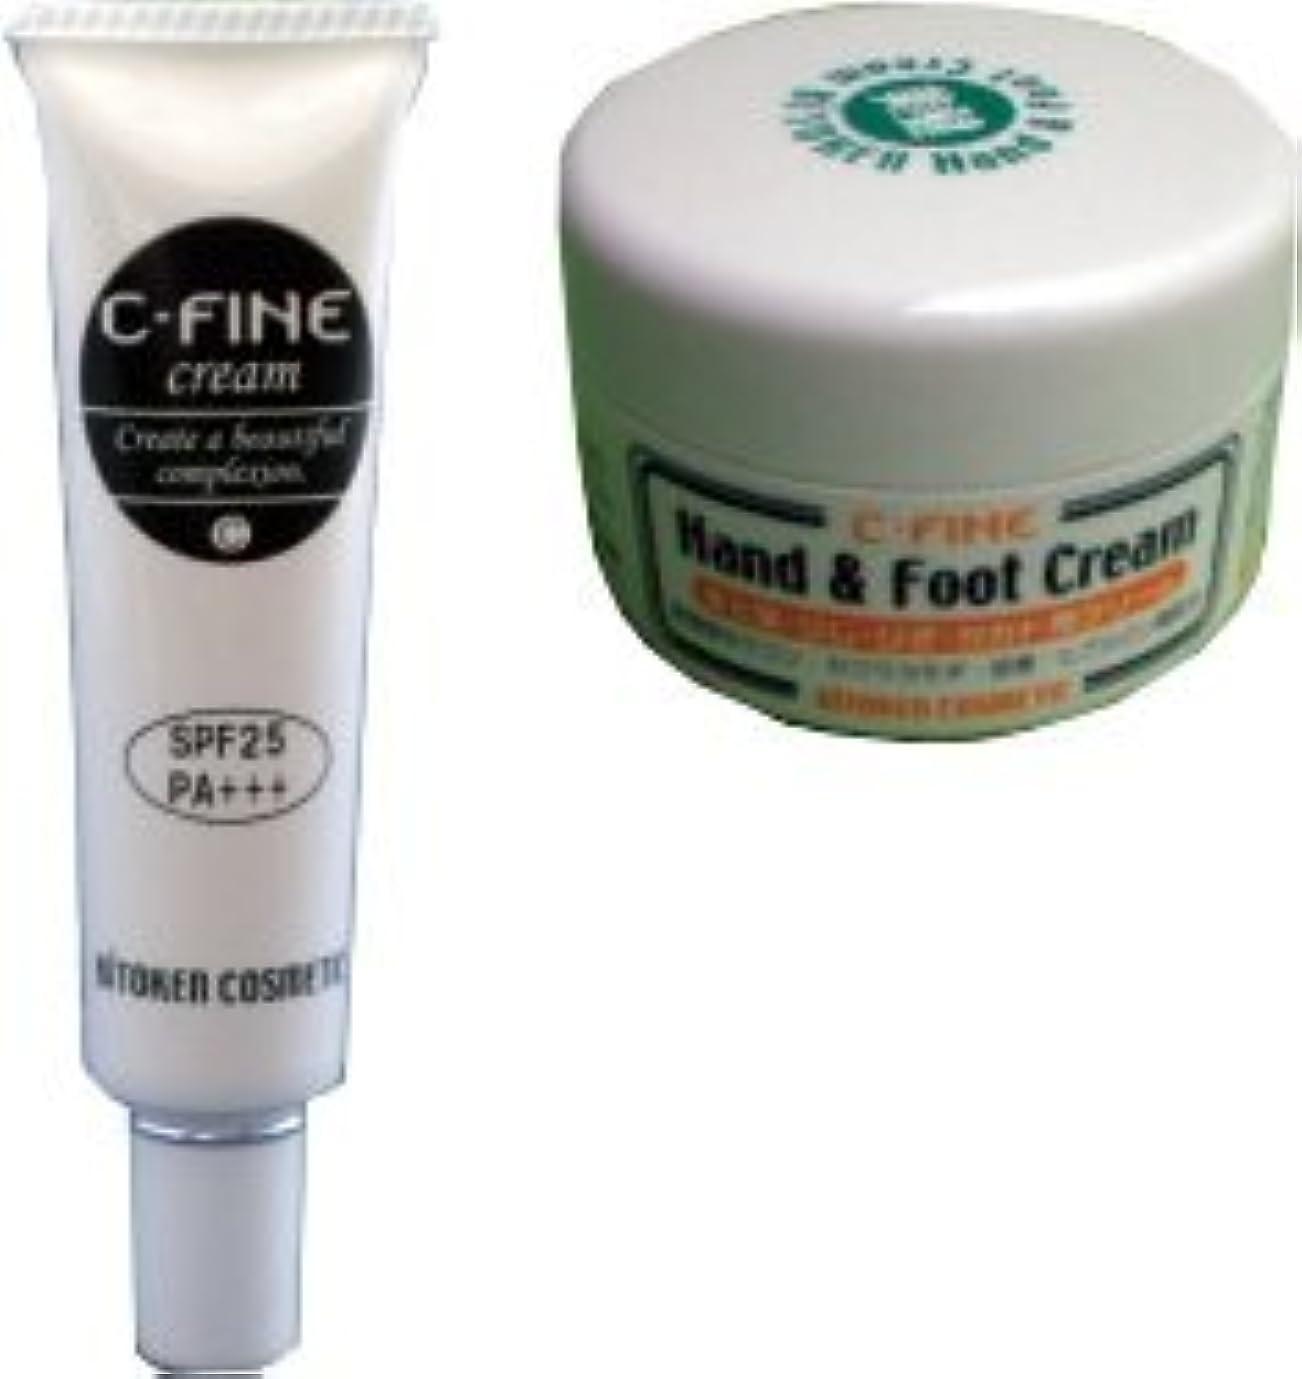 マットキャロライン回復するCファインセット (日焼け止めベースクリーム?ハンド&フットクリーム) ビトケン 下地ベースの日焼け止めとのびがよくベタつかない保湿クリーム